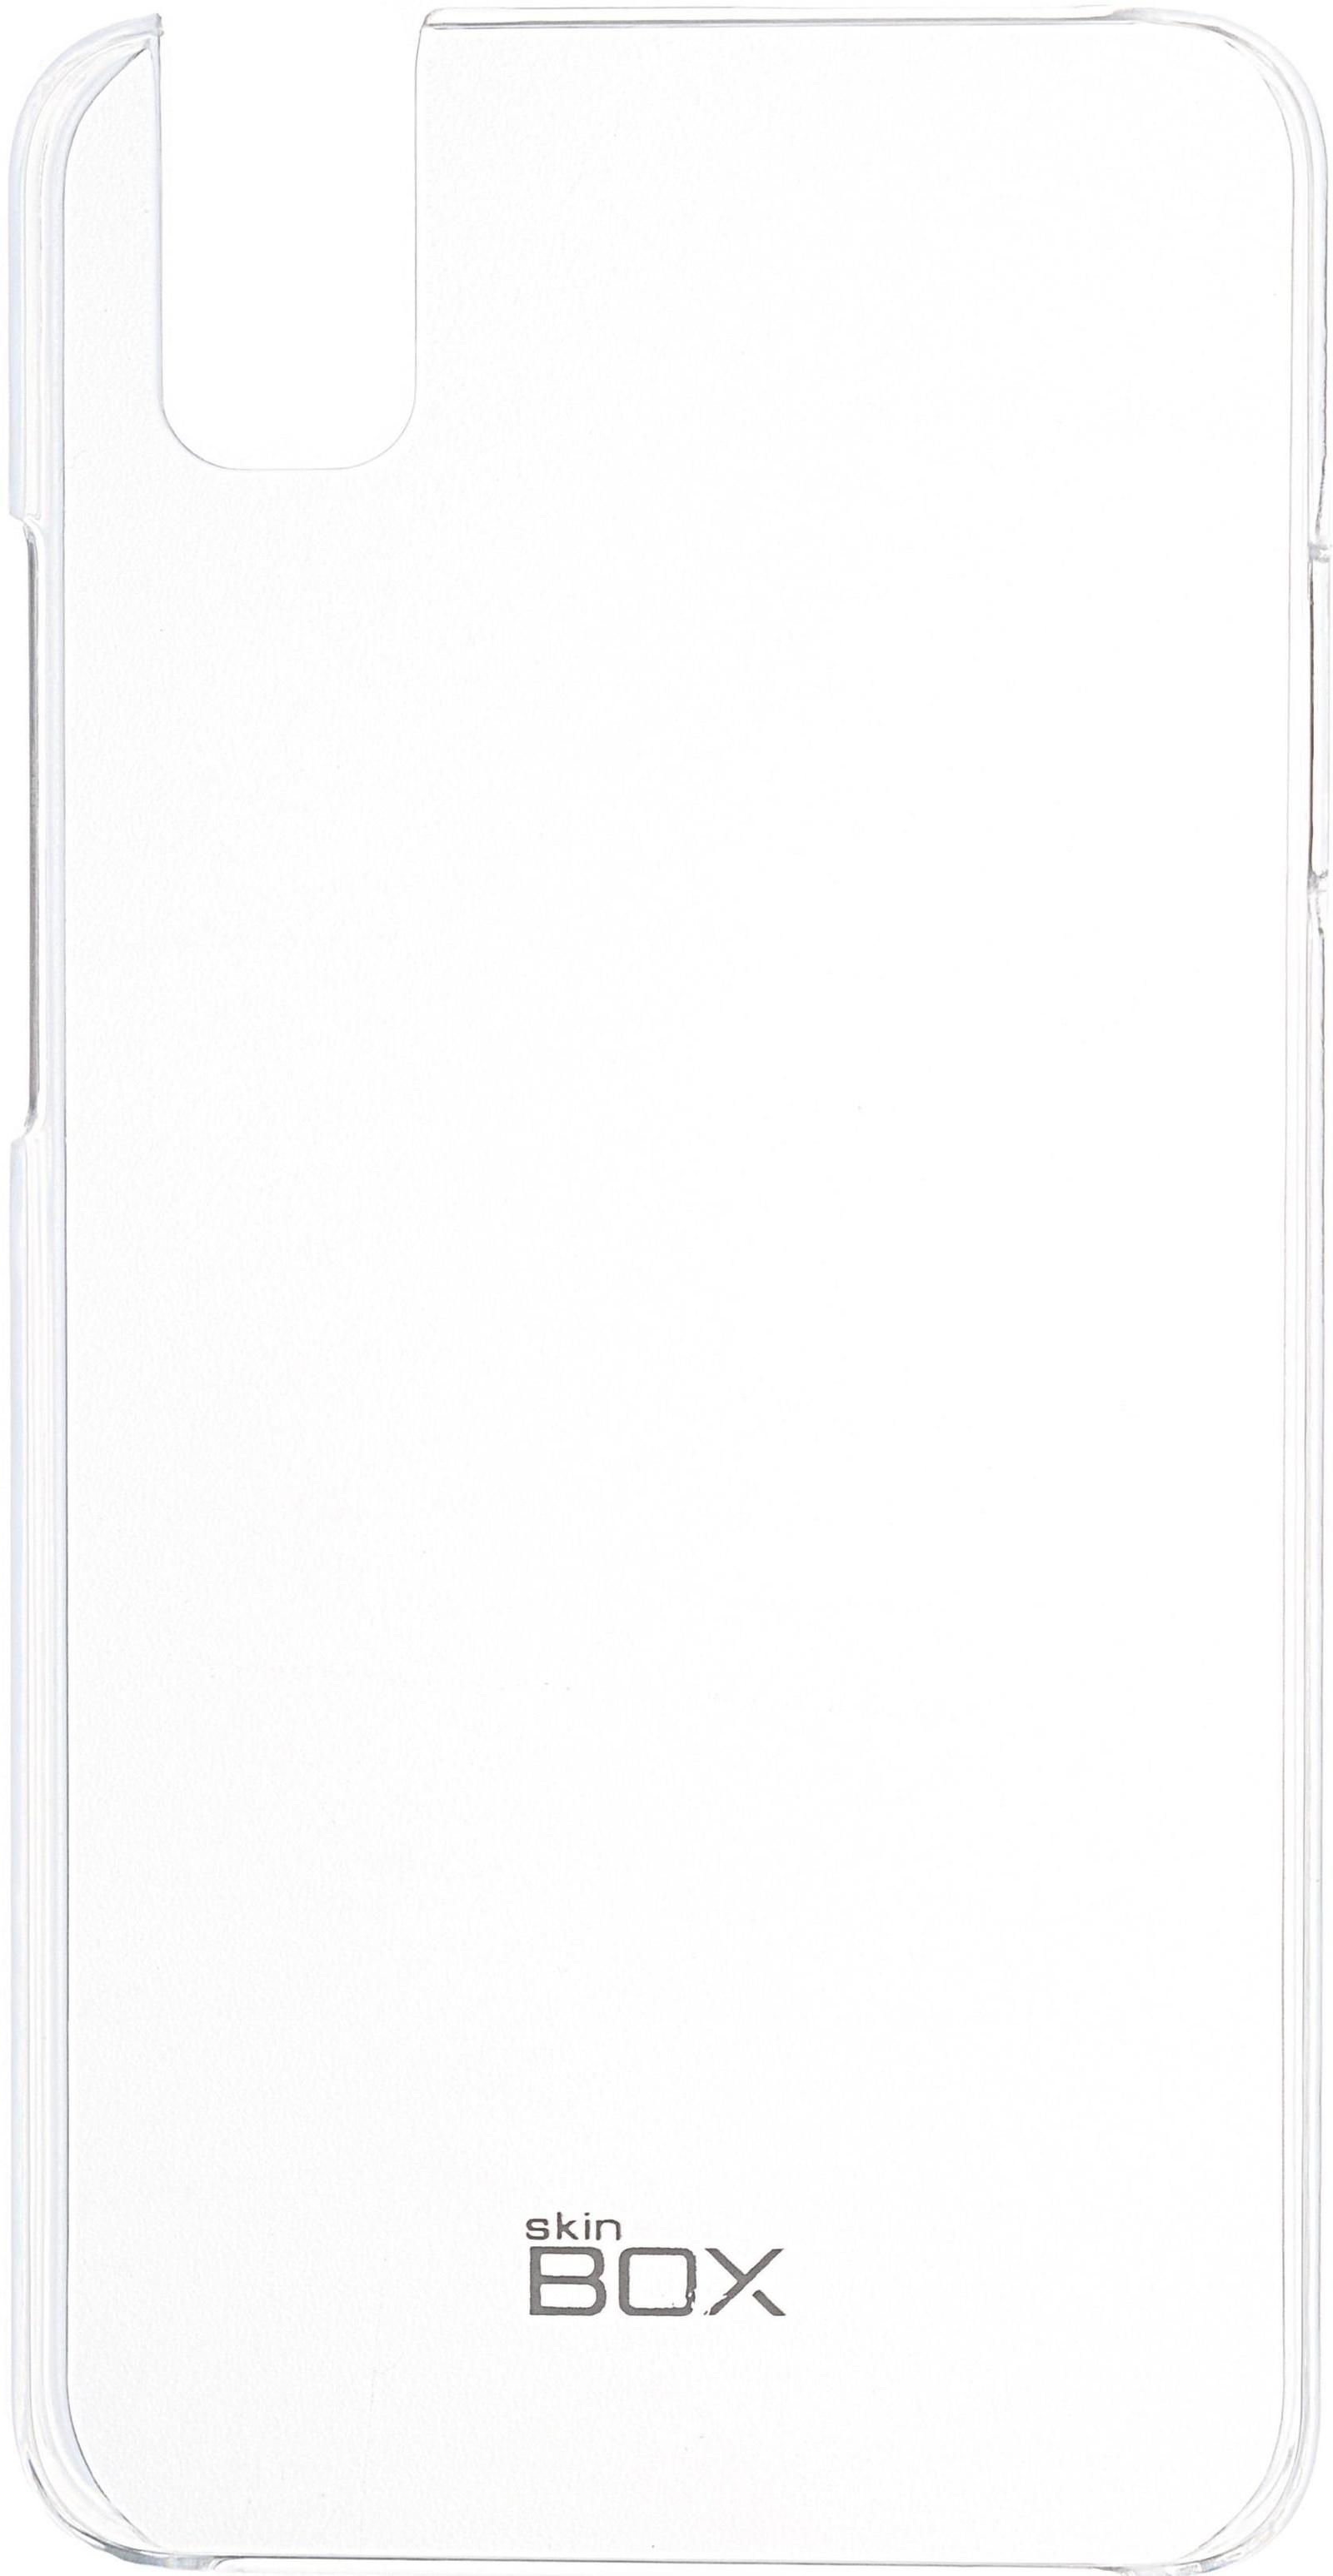 Чехол для сотового телефона skinBOX Crystal, 4630042524880, прозрачный чехол для сотового телефона skinbox crystal 4630042524613 прозрачный